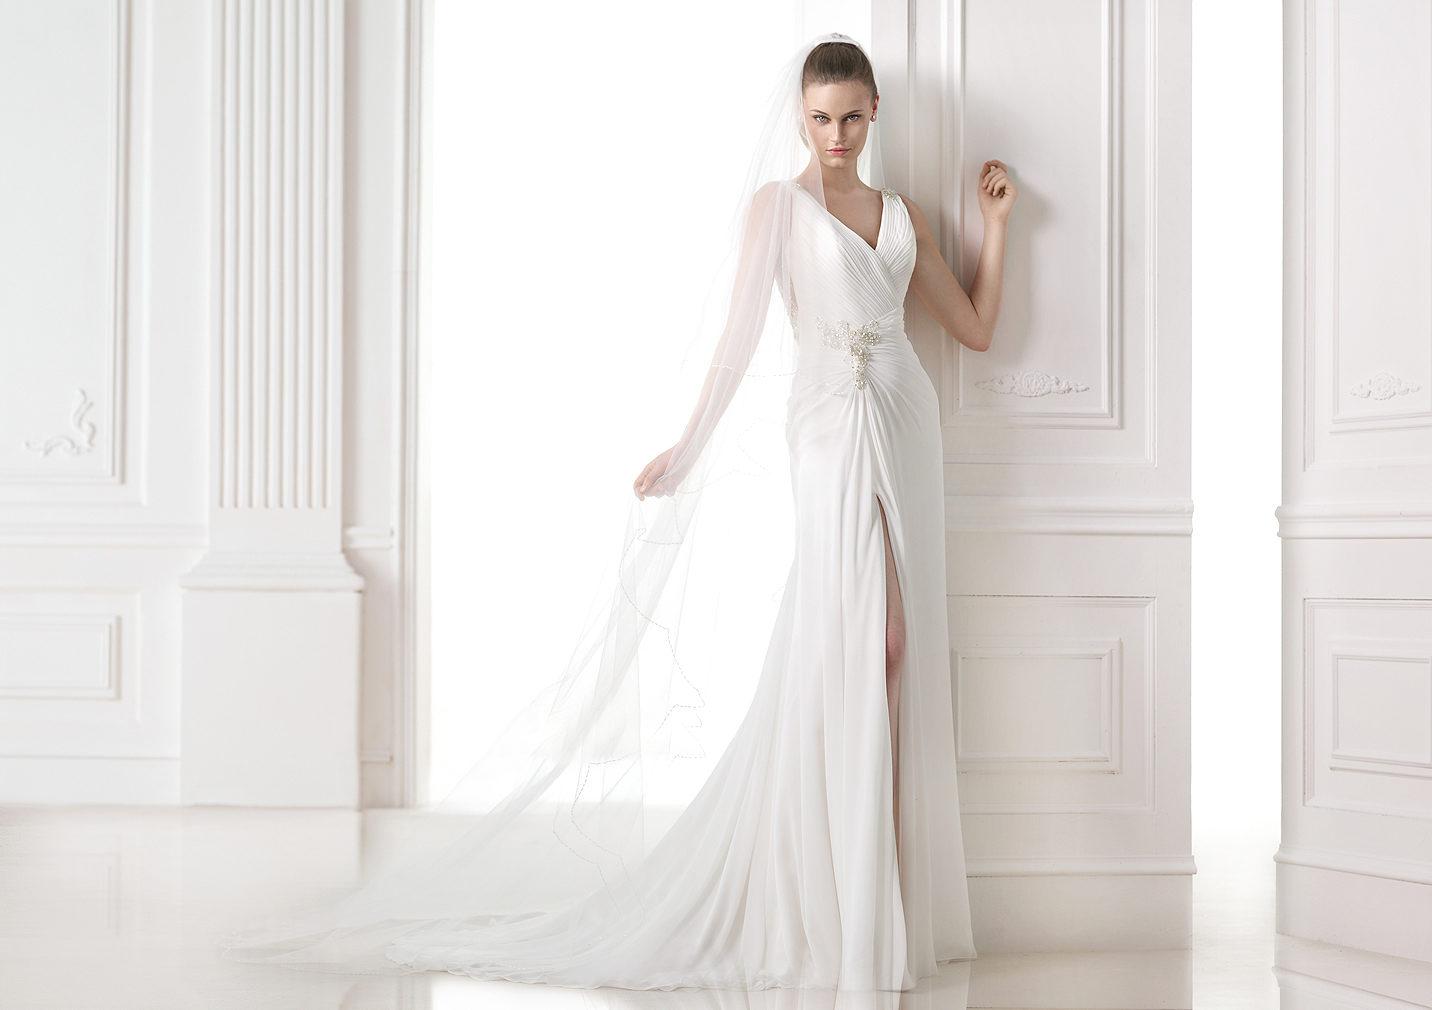 Pronovias nos muestra este sensual vestido de novia con abertura en las piernas y escote a pico